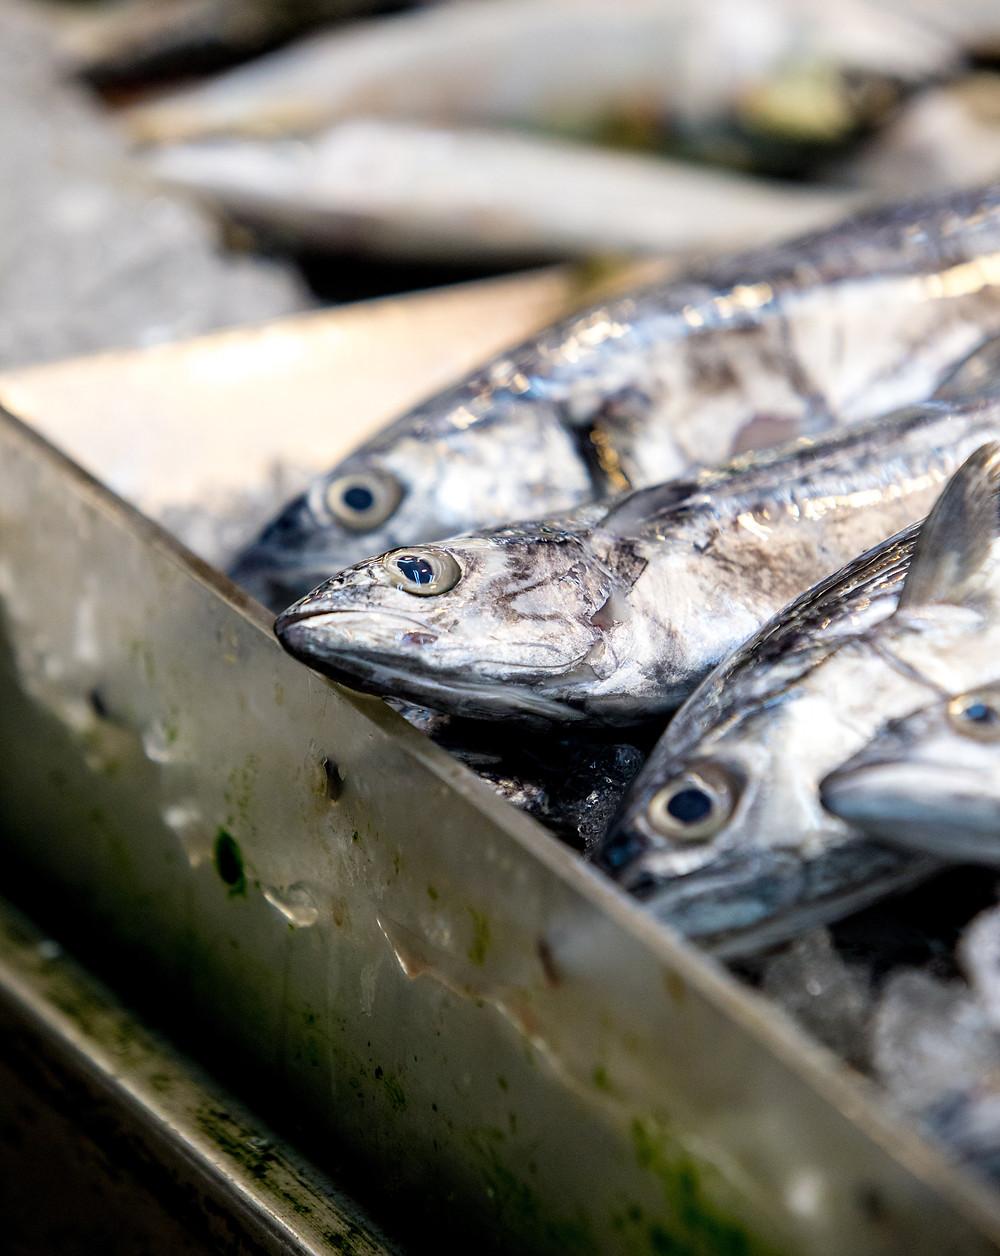 Tray of herrings